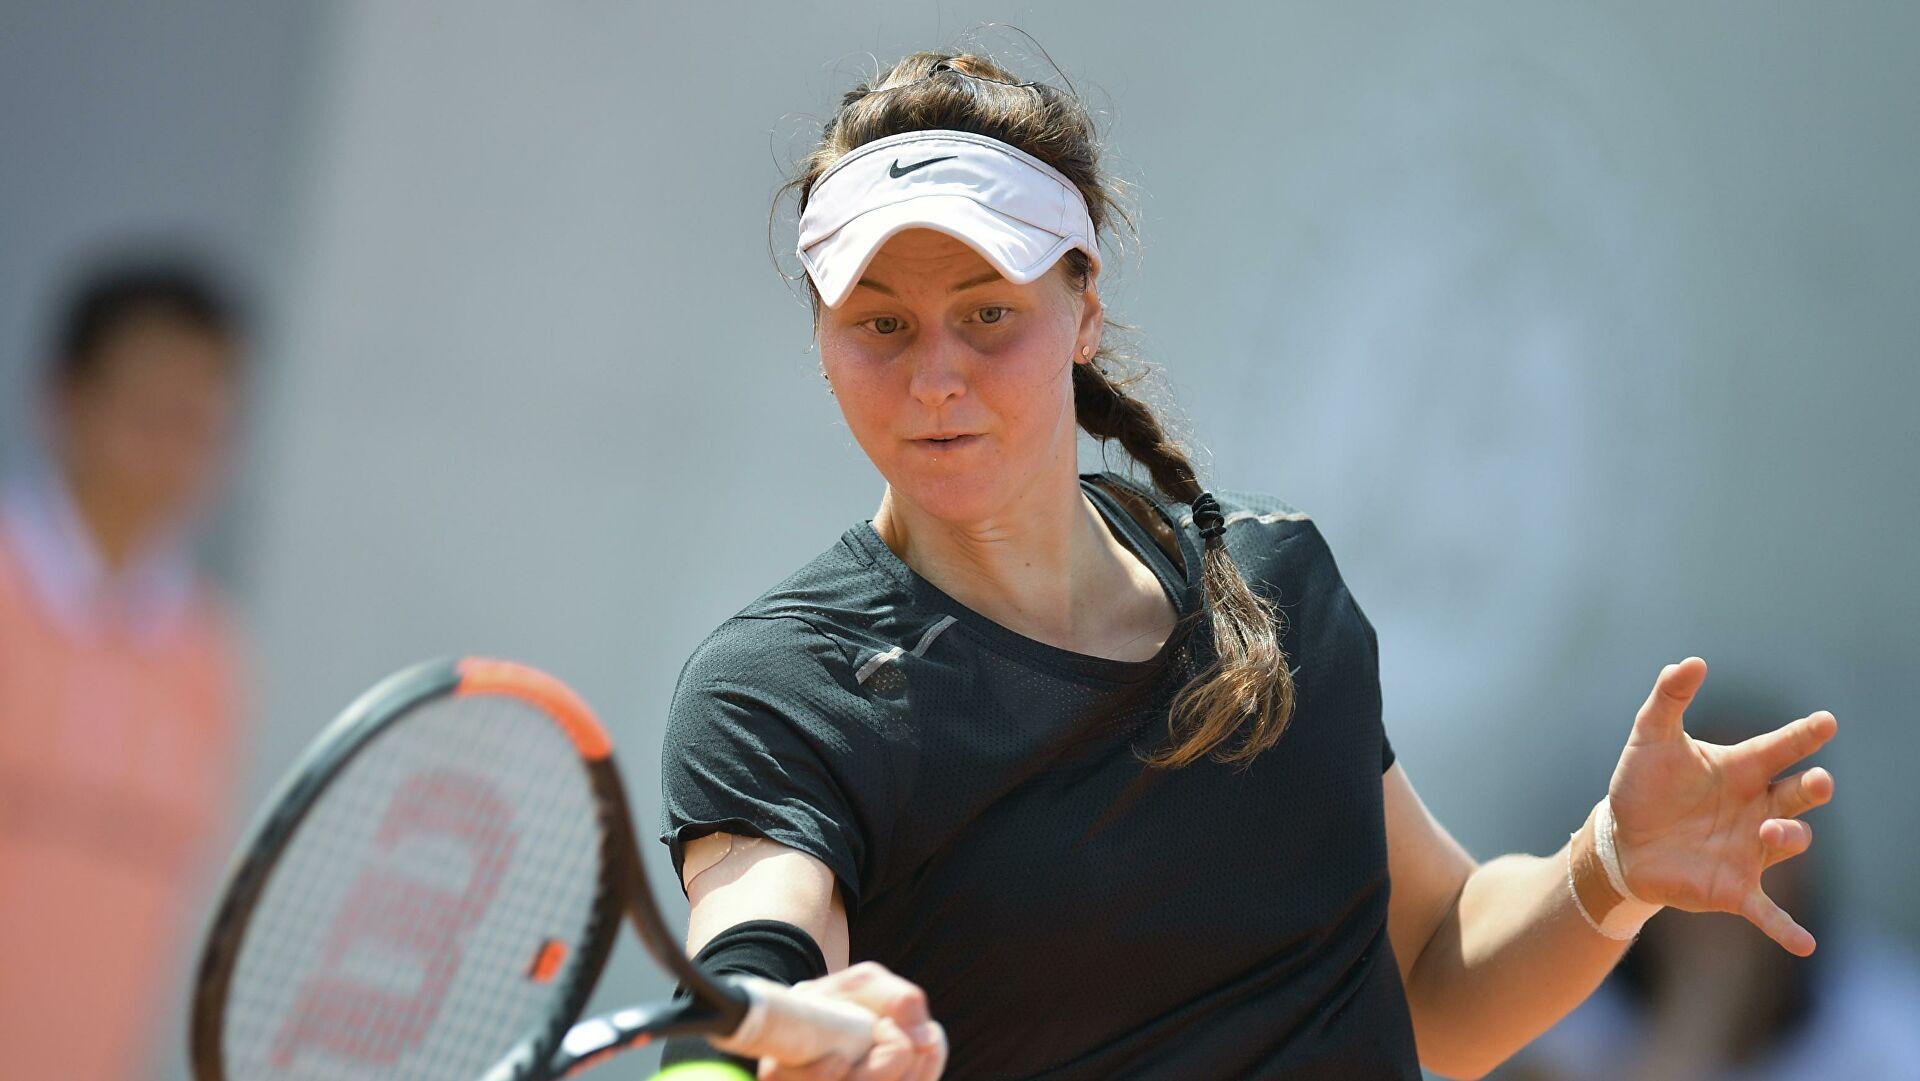 Людмила Самсонова - Кайя Канепи. Прогноз и ставки на теннис. 28 июня 2021 года